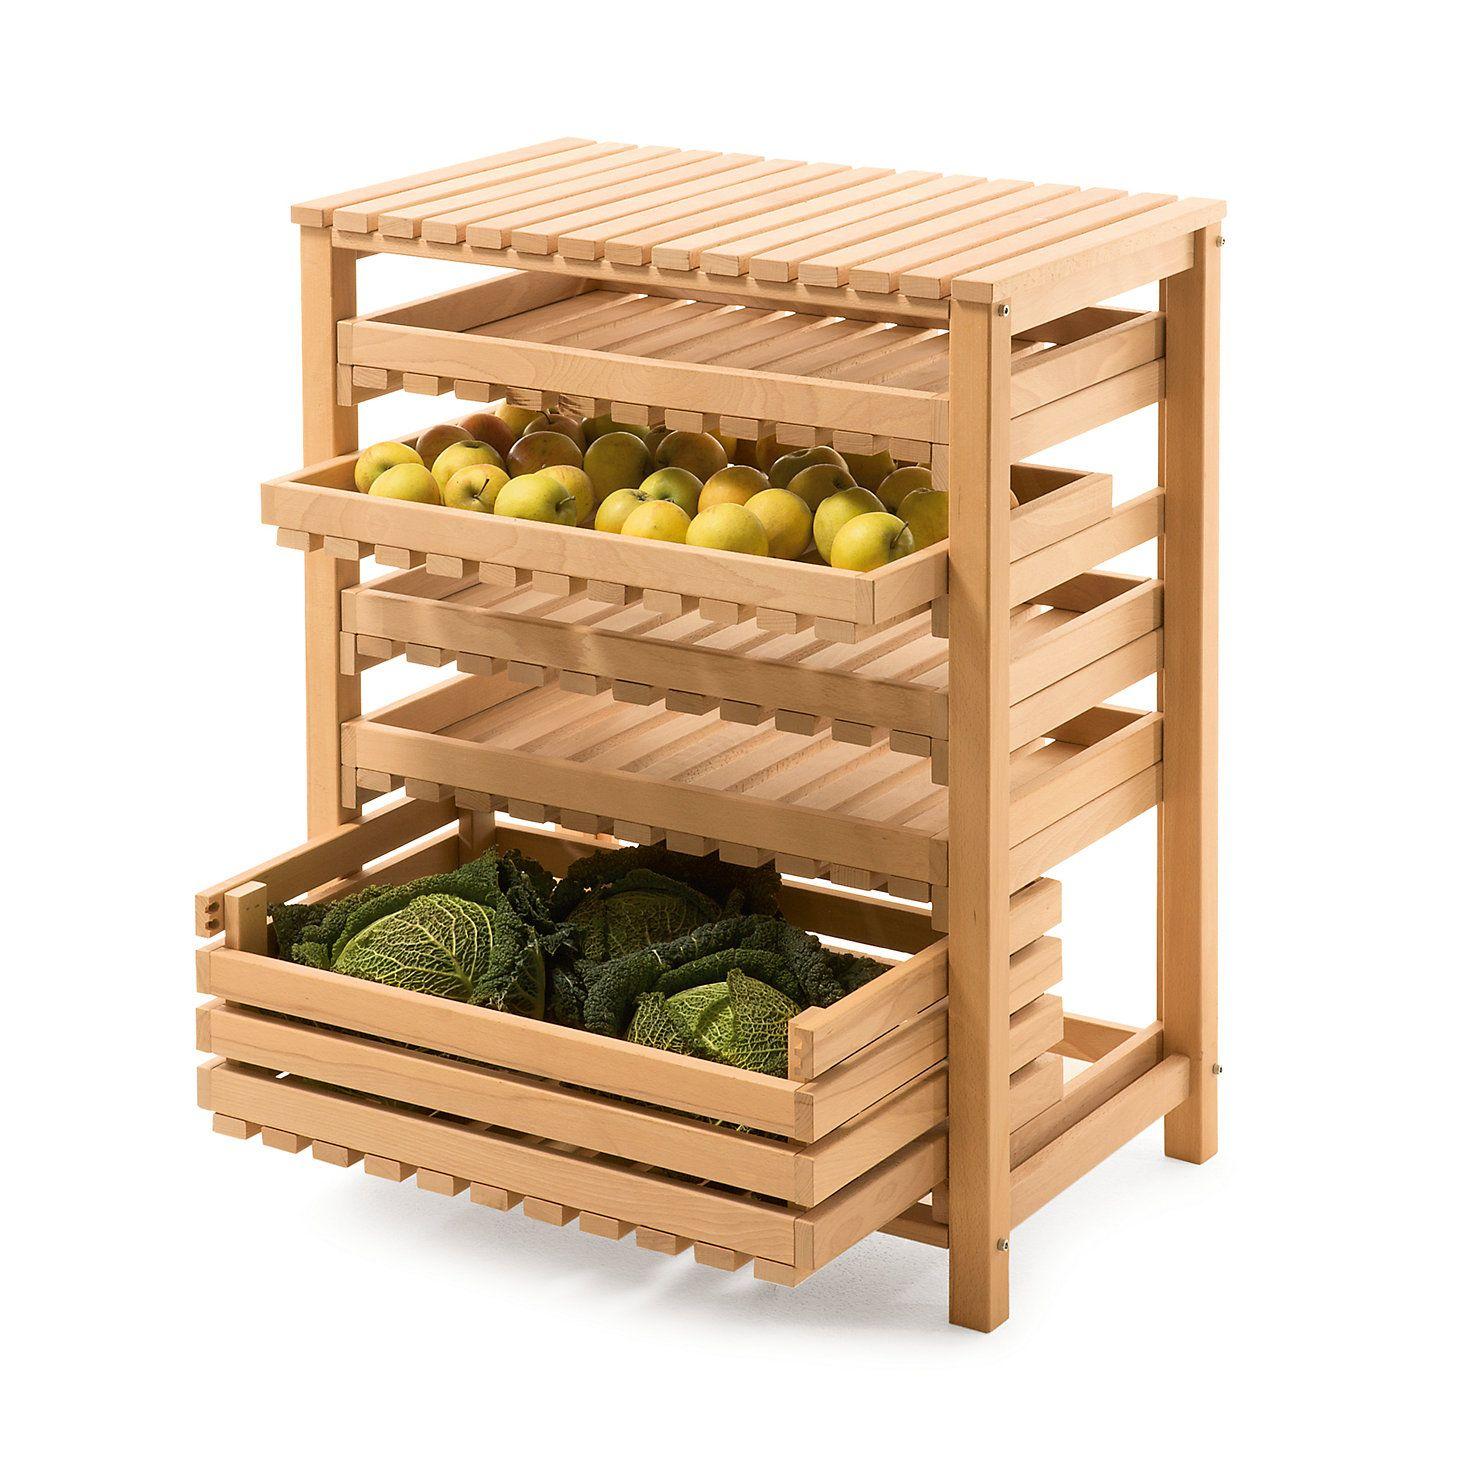 Esstisch Und Stuhle Kombinieren 29 Esszimmer Mobel Sets Buchenholz Holz Obstschale Holz